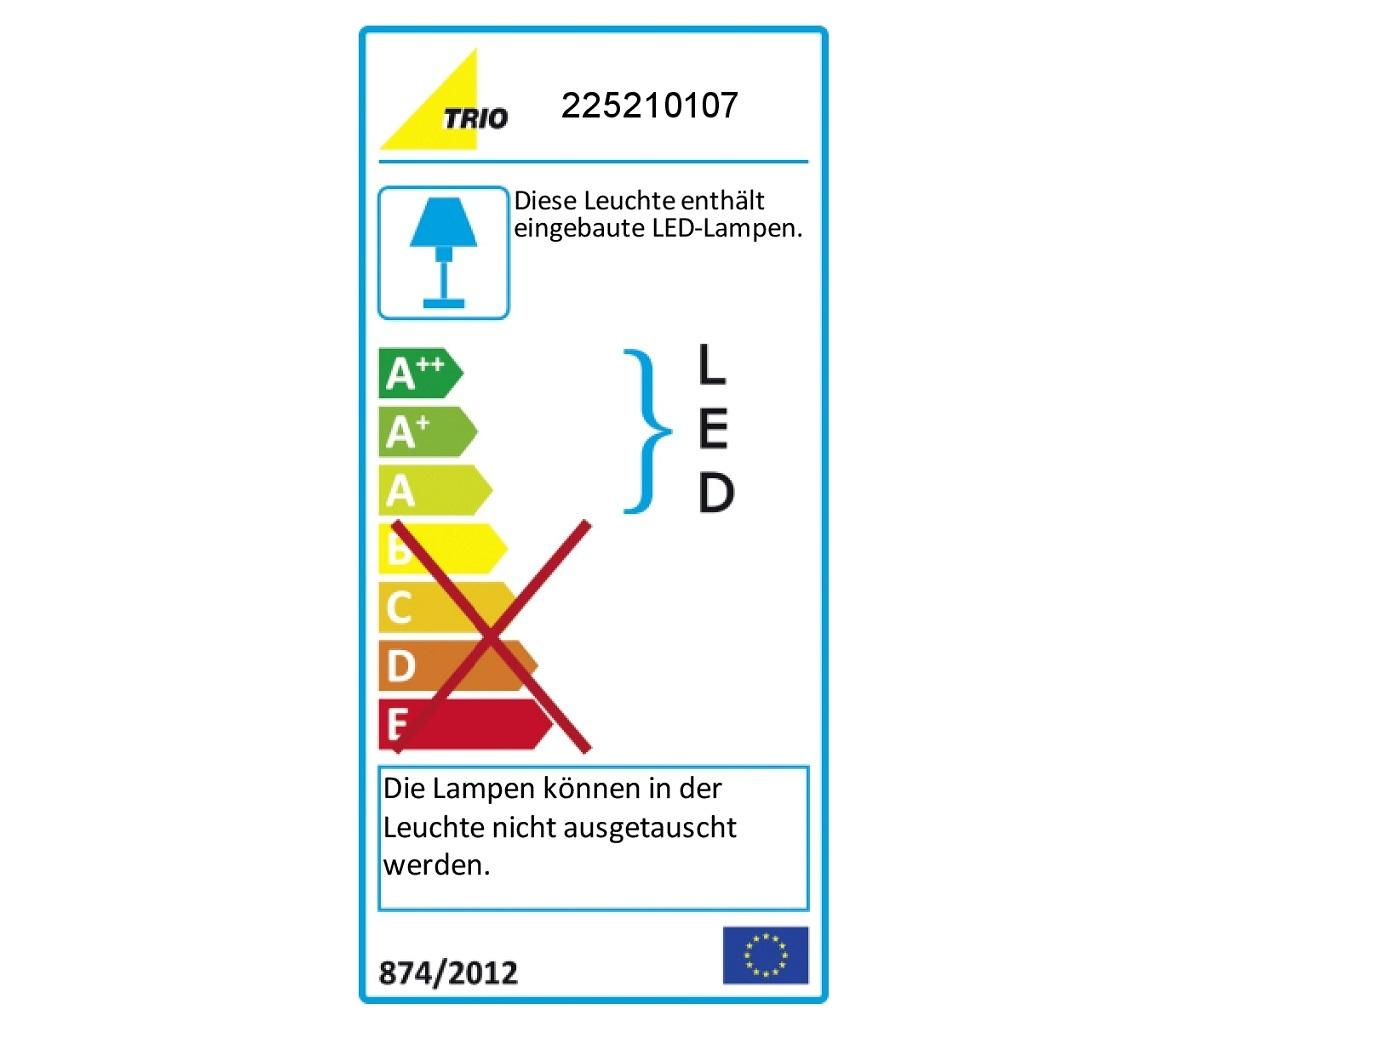 TRIO LED-Bilderleuchte//Wandleuchte Länge 45cm Nickel 1 x 8W SMD-LED